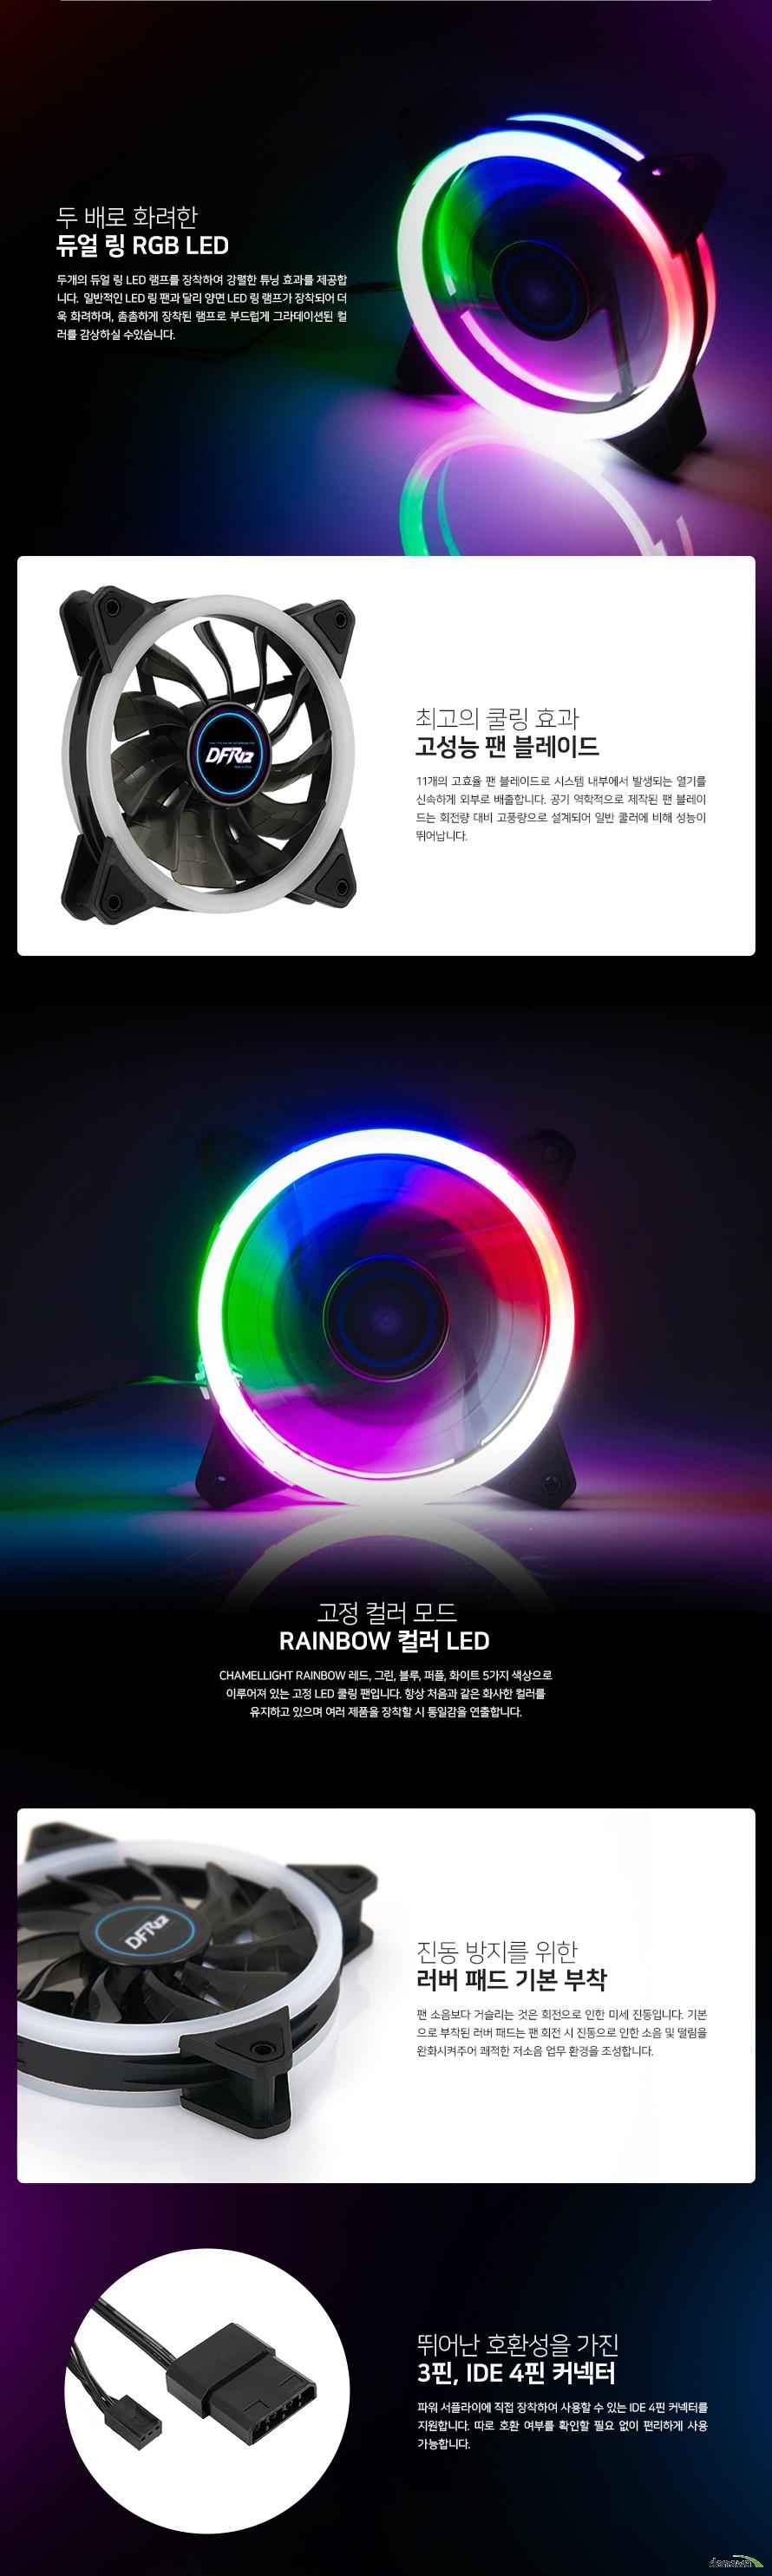 대양케이스  CHAMELLIGHT RAINBOW 120 듀얼링